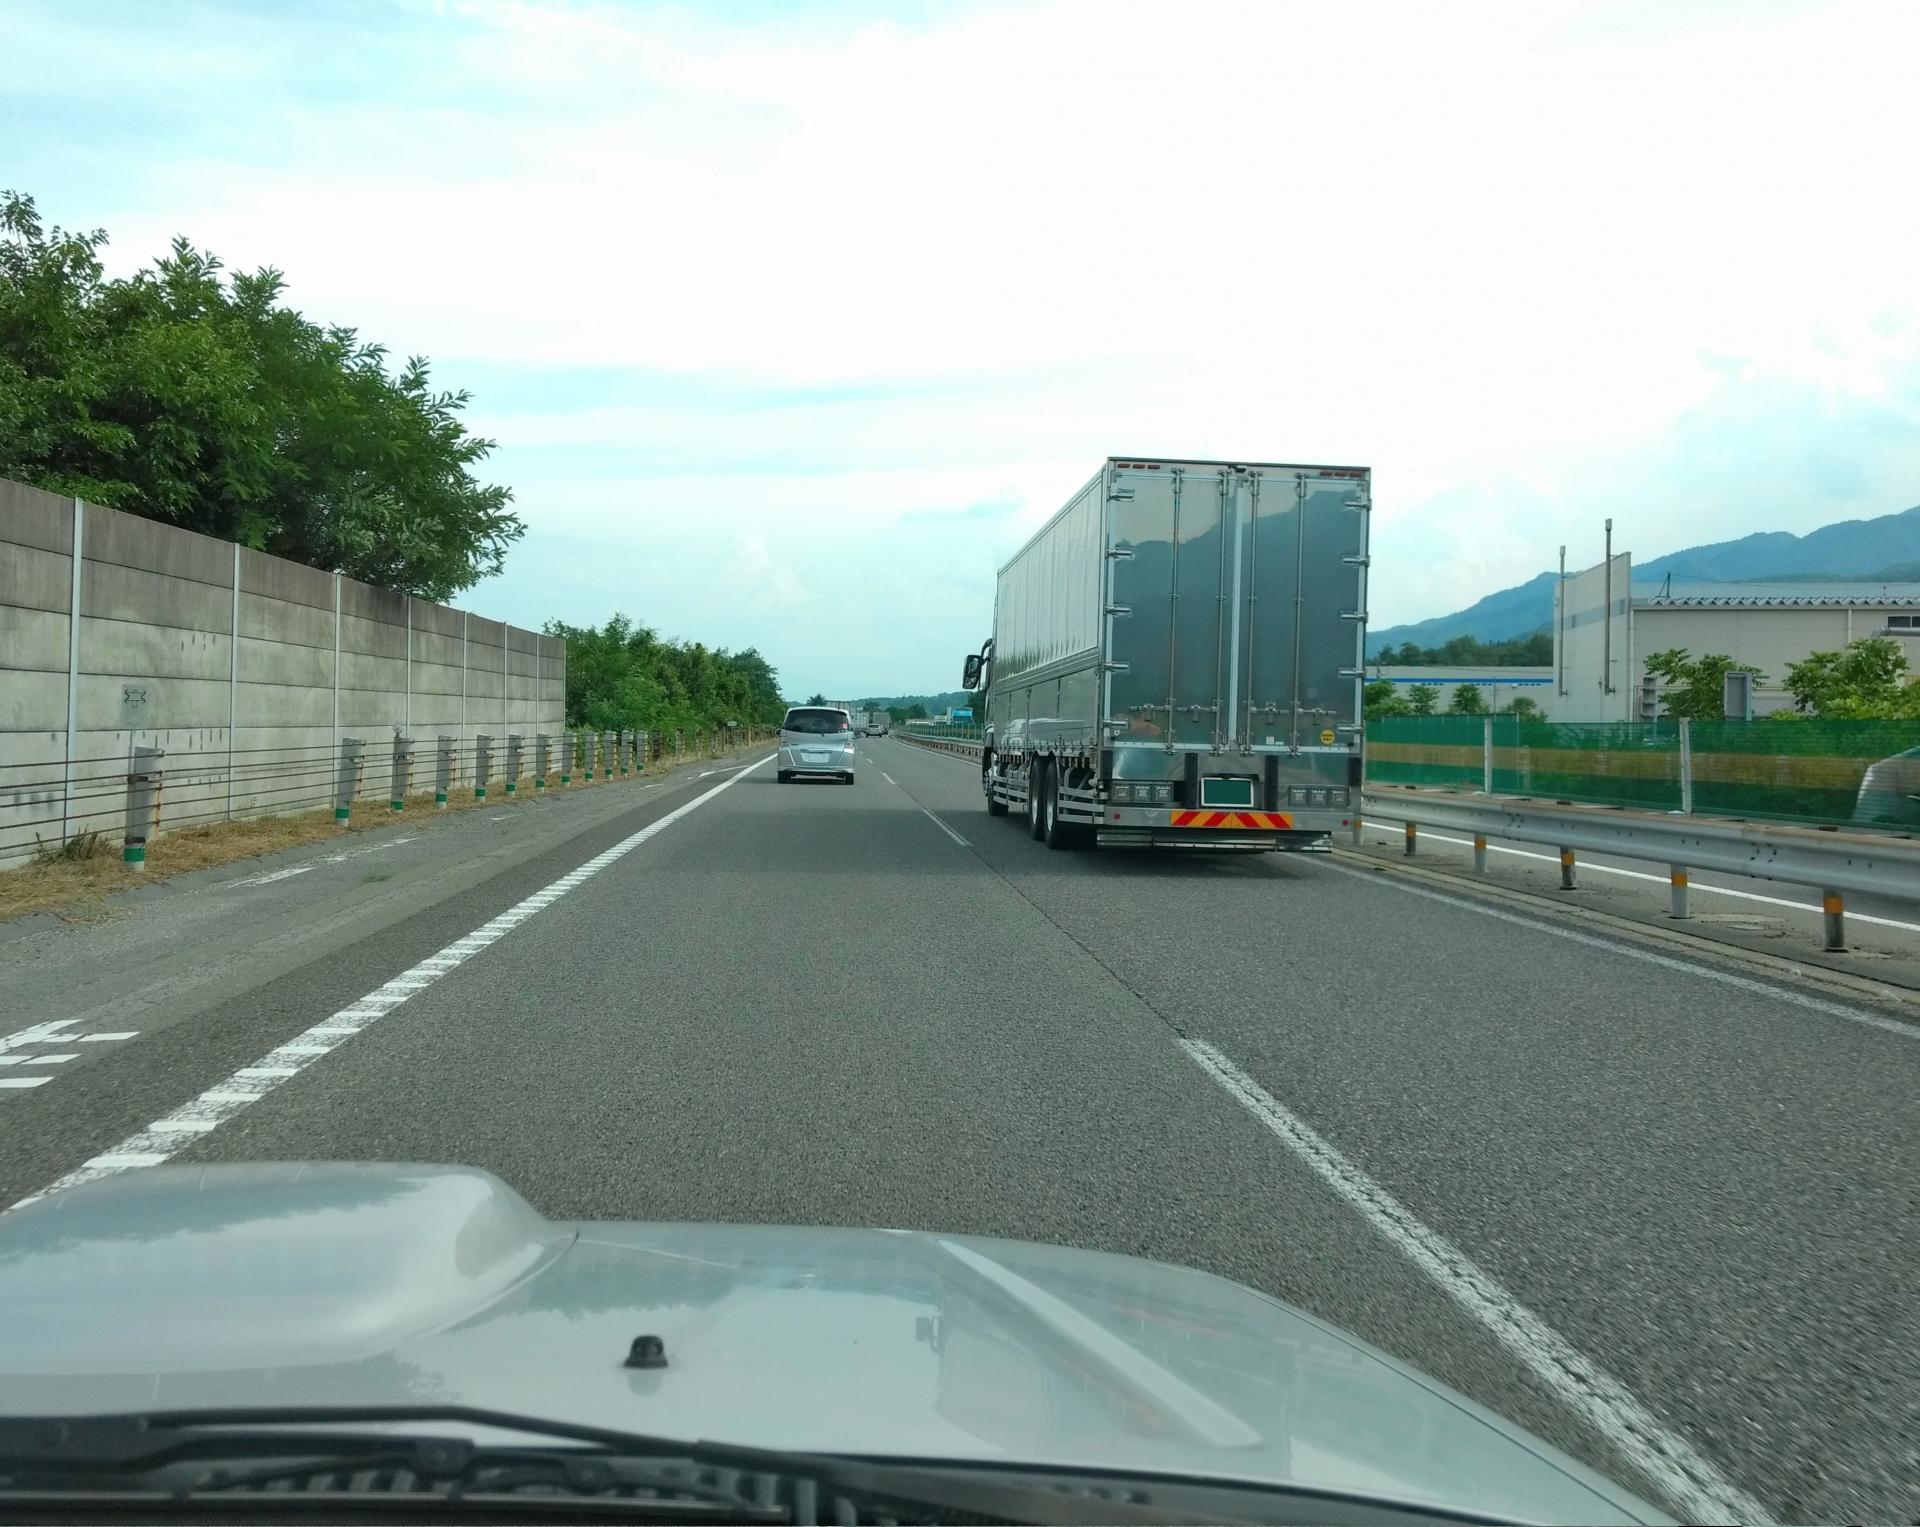 運転初心者が恐れる高速道路!運転のコツとは